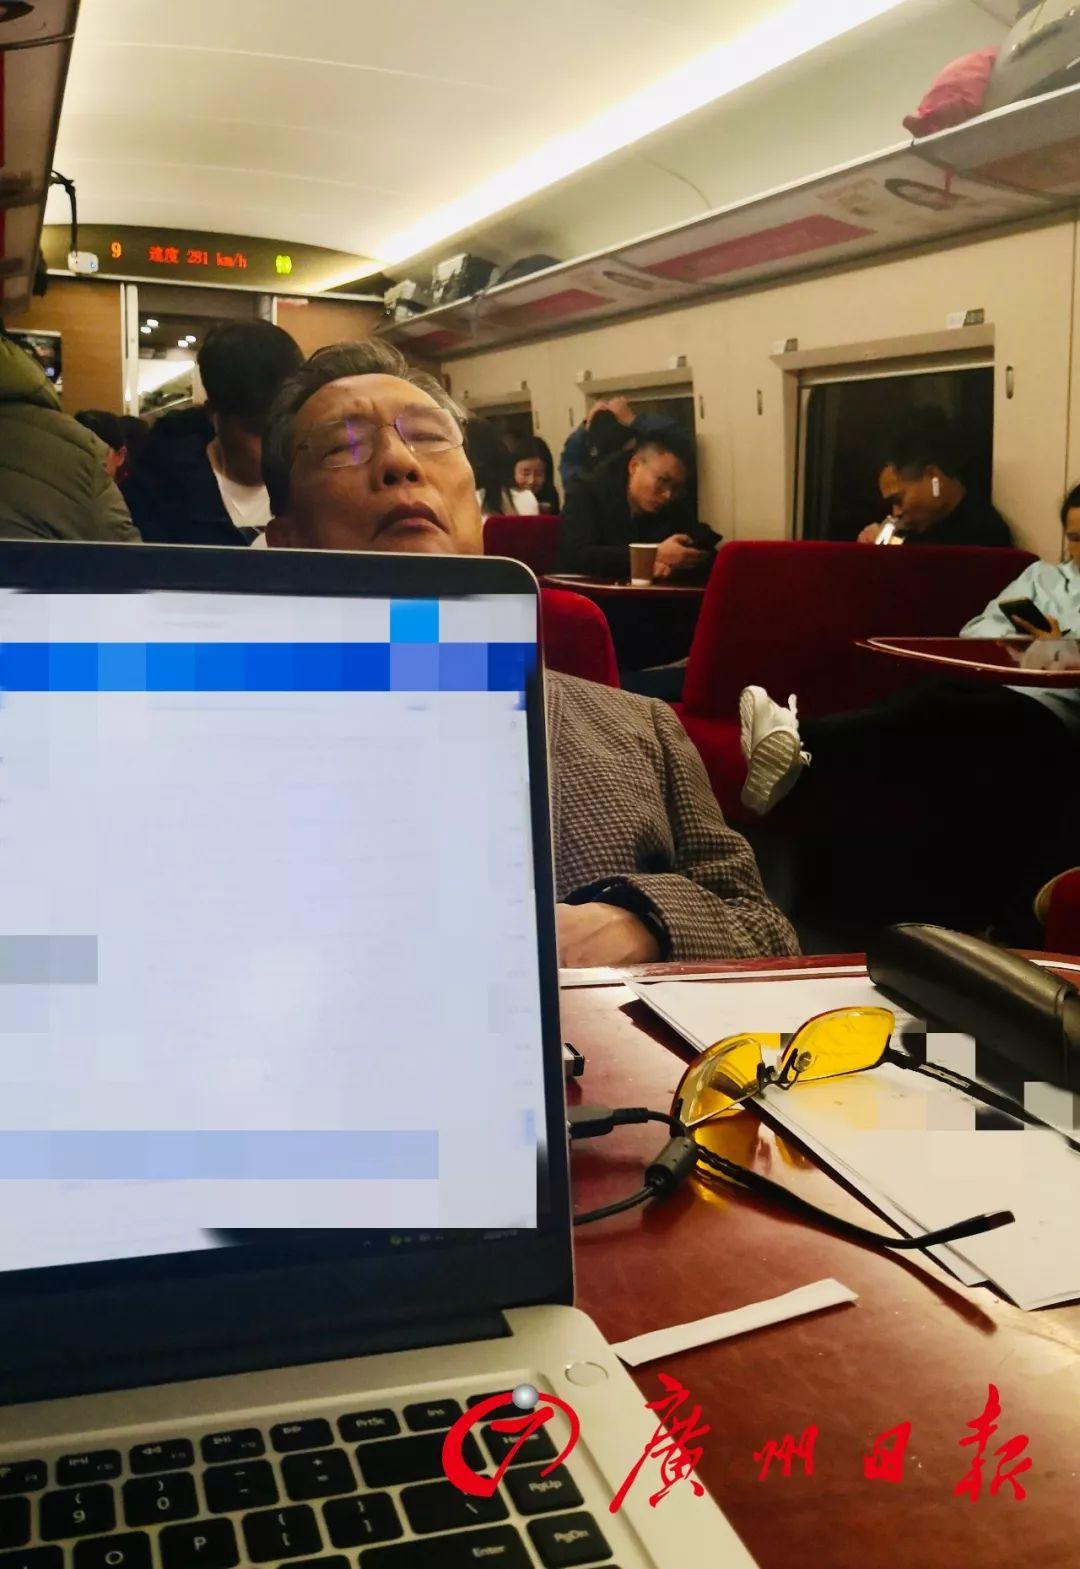 83歲的他讓大家不要去武漢 自己卻義無反顧(圖)圖片